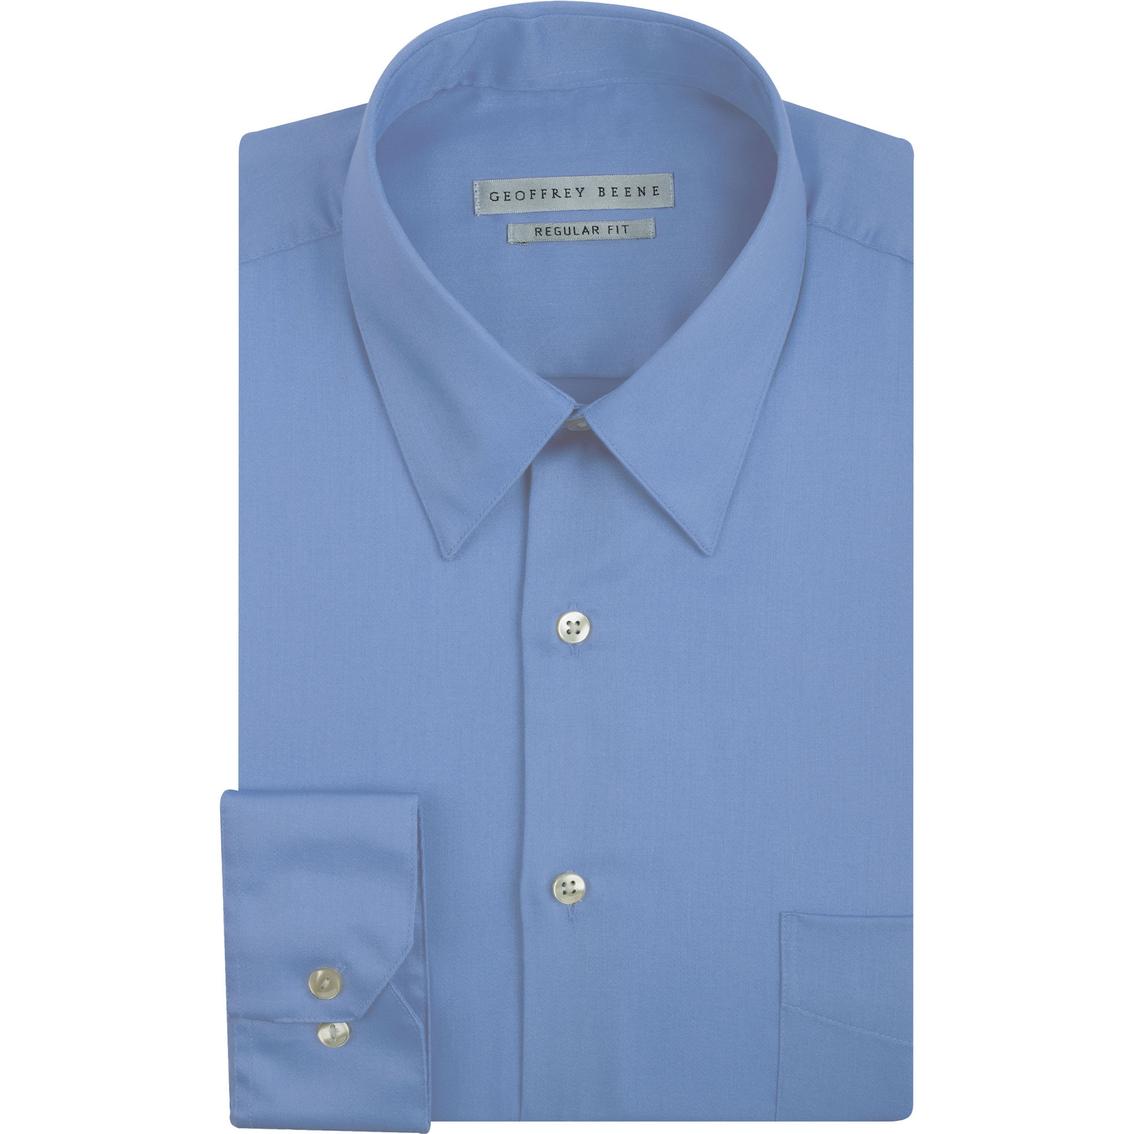 Geoffrey Beene Sateen Dress Shirt Dress Shirts Apparel Shop